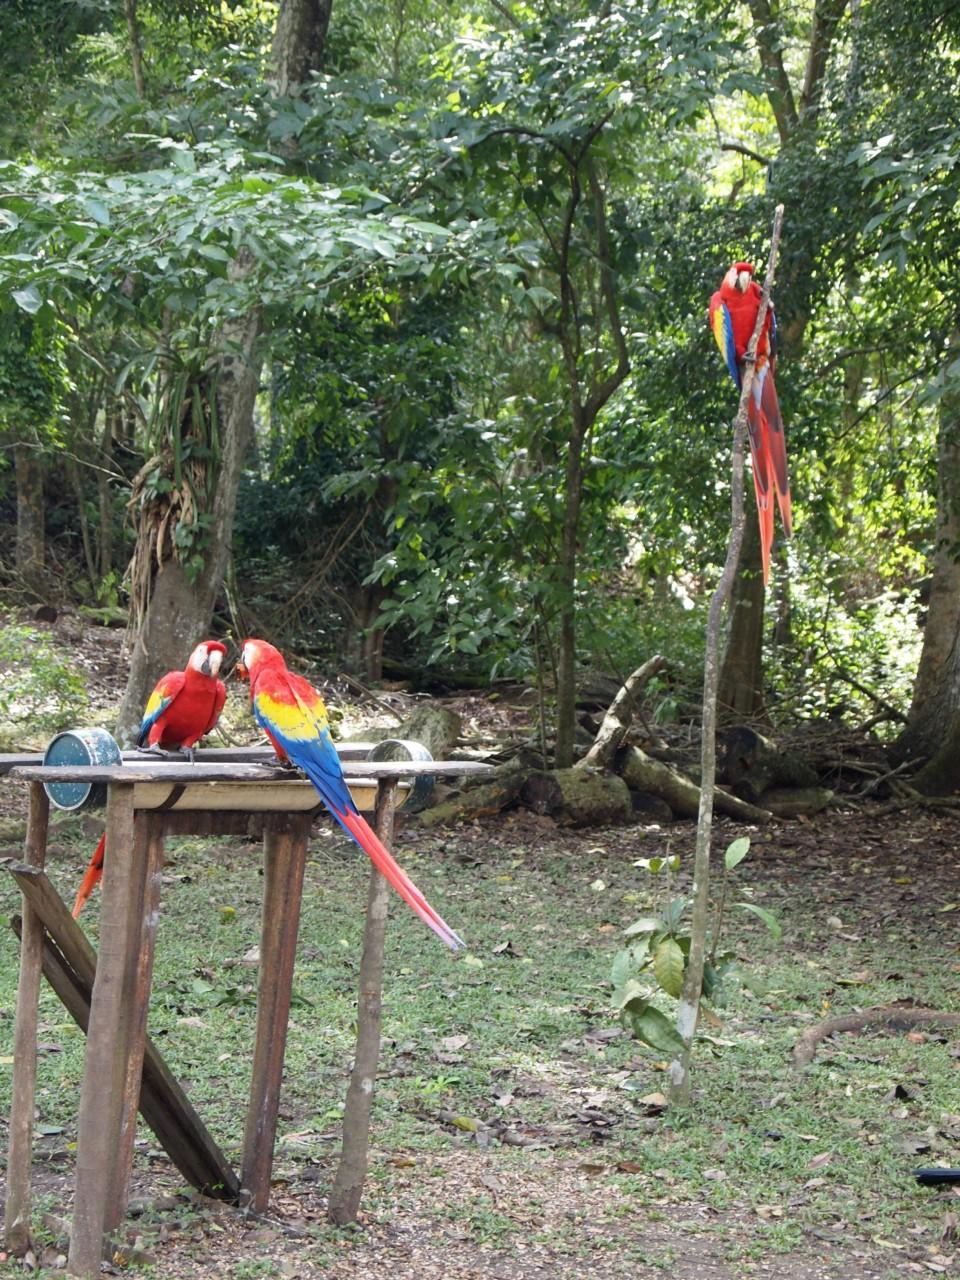 Auf dem Gelände der Ruinen gab es außerdem ein Schutzgebiet für den Nationalvogel: diese hübschen, bunten Papageien. Neben vielen Papageien waren auch viele andere schöne Vögel zu sehen.